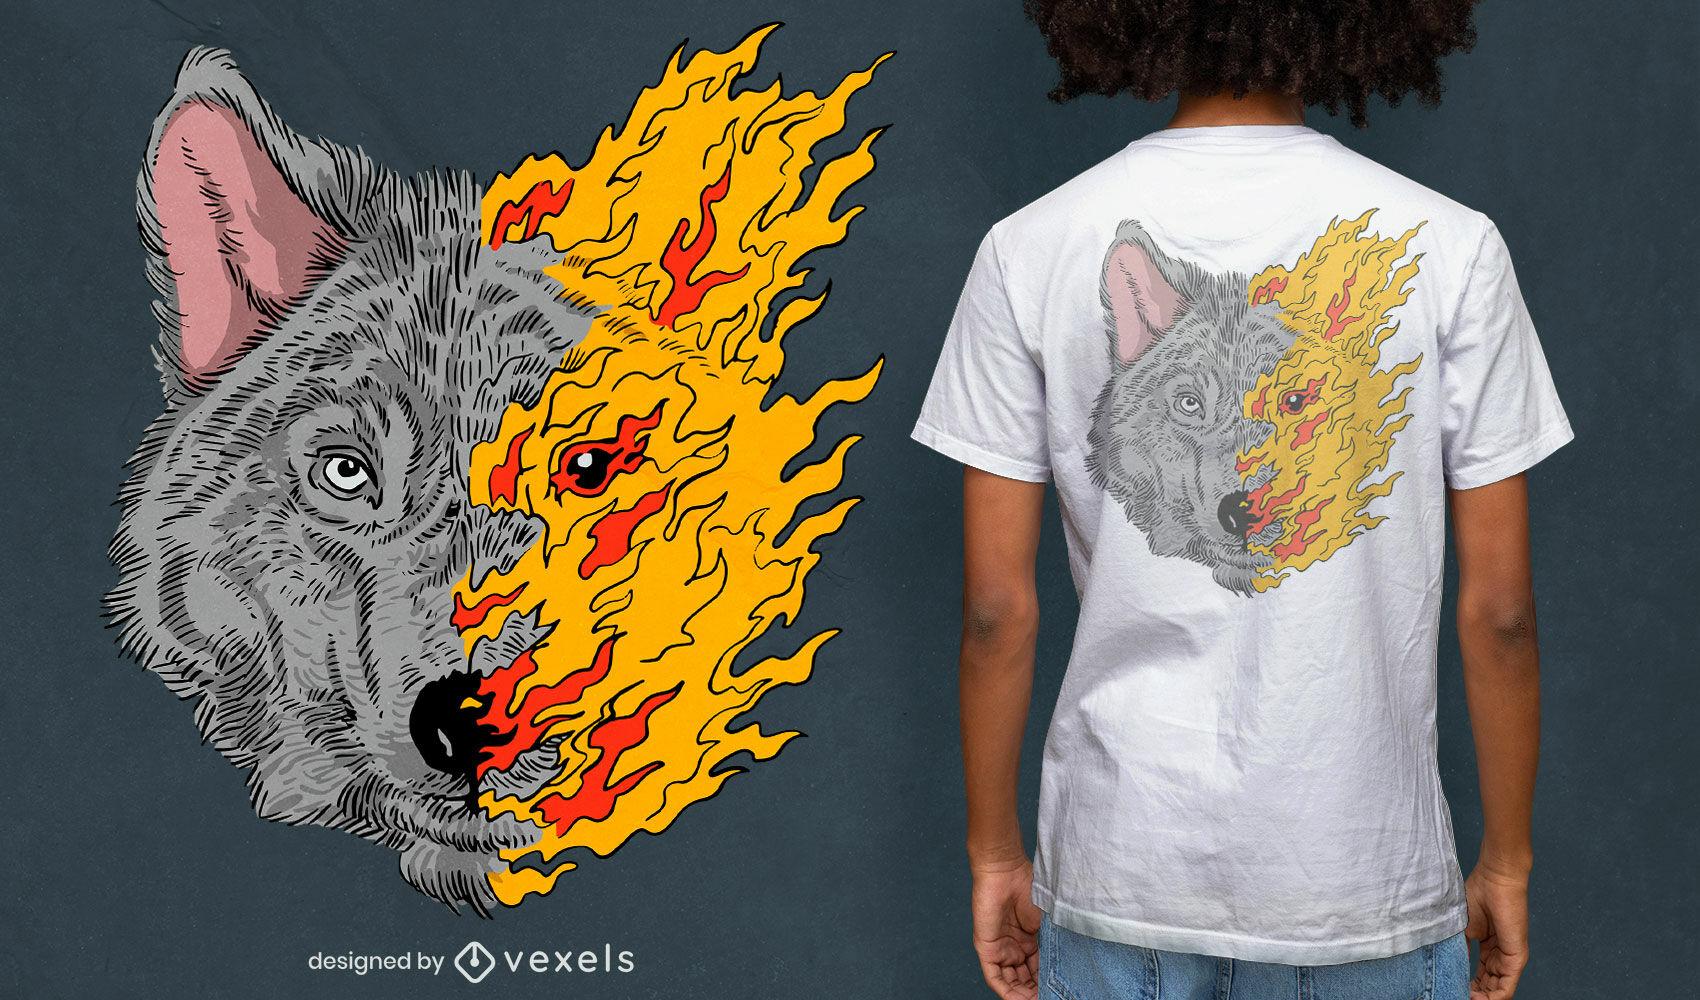 Dise?o de camiseta de media cara de lobo en llamas